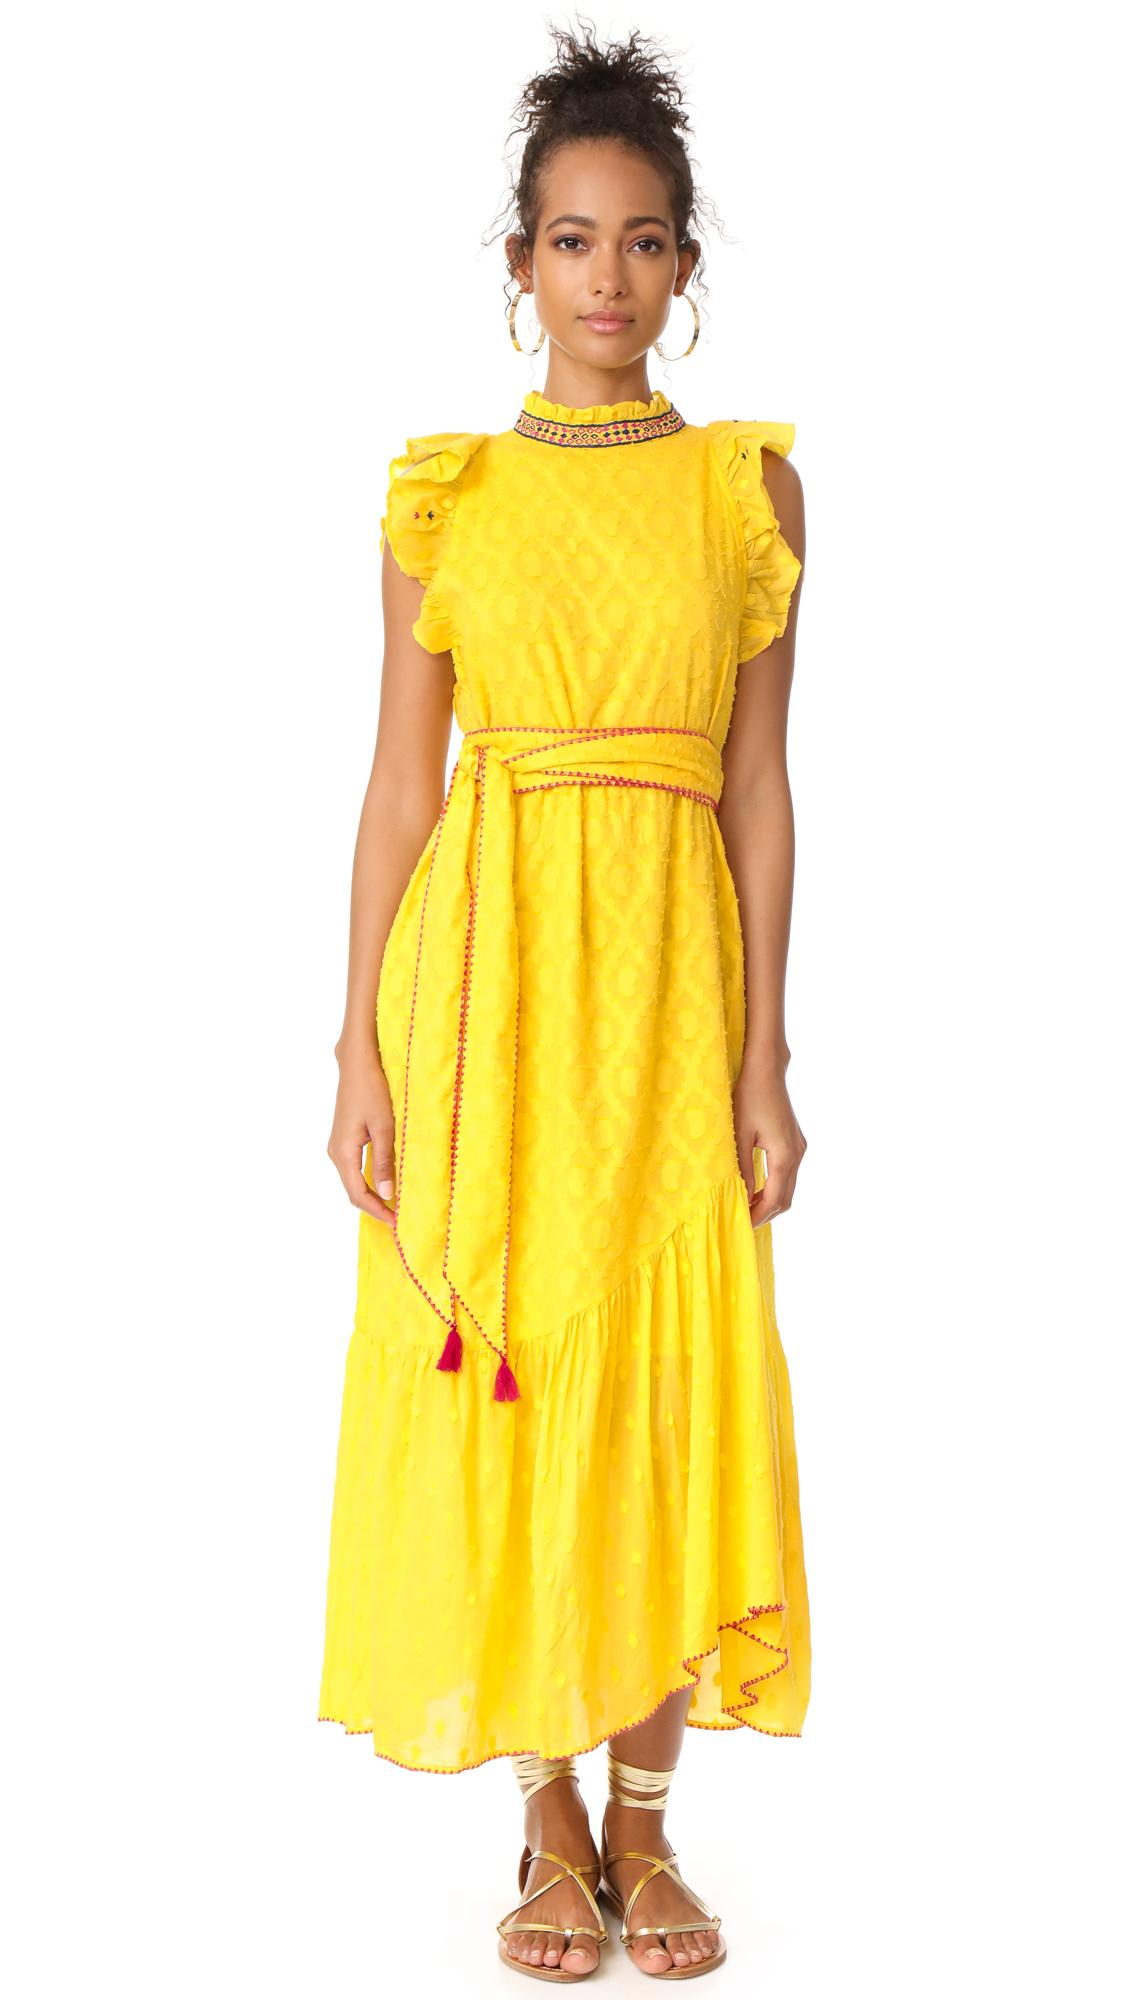 Banjanan Bulbul Dress - Sunshine